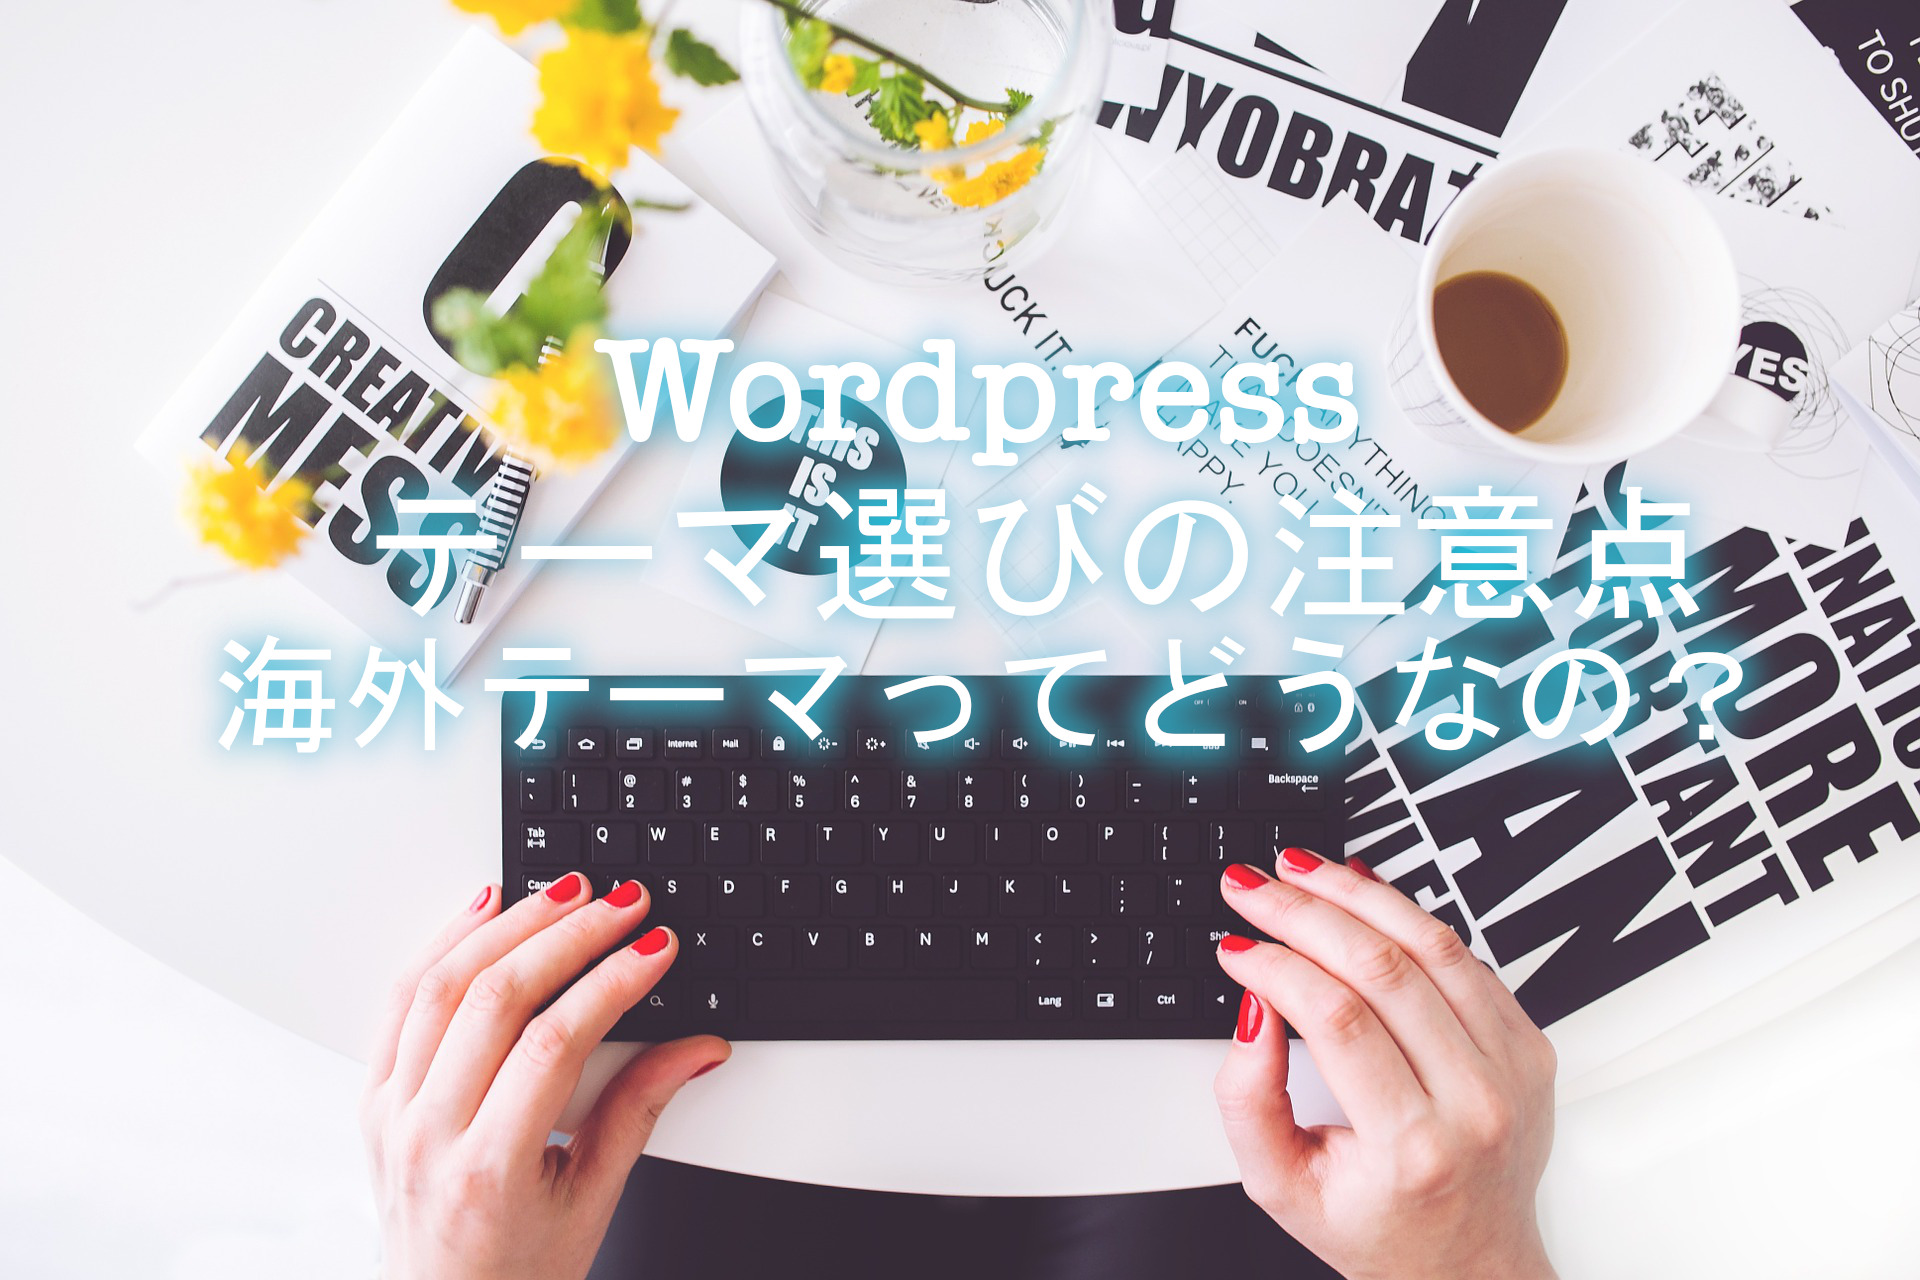 Wordpressテーマ選びのコツ!海外と日本どっちが良い?注意点